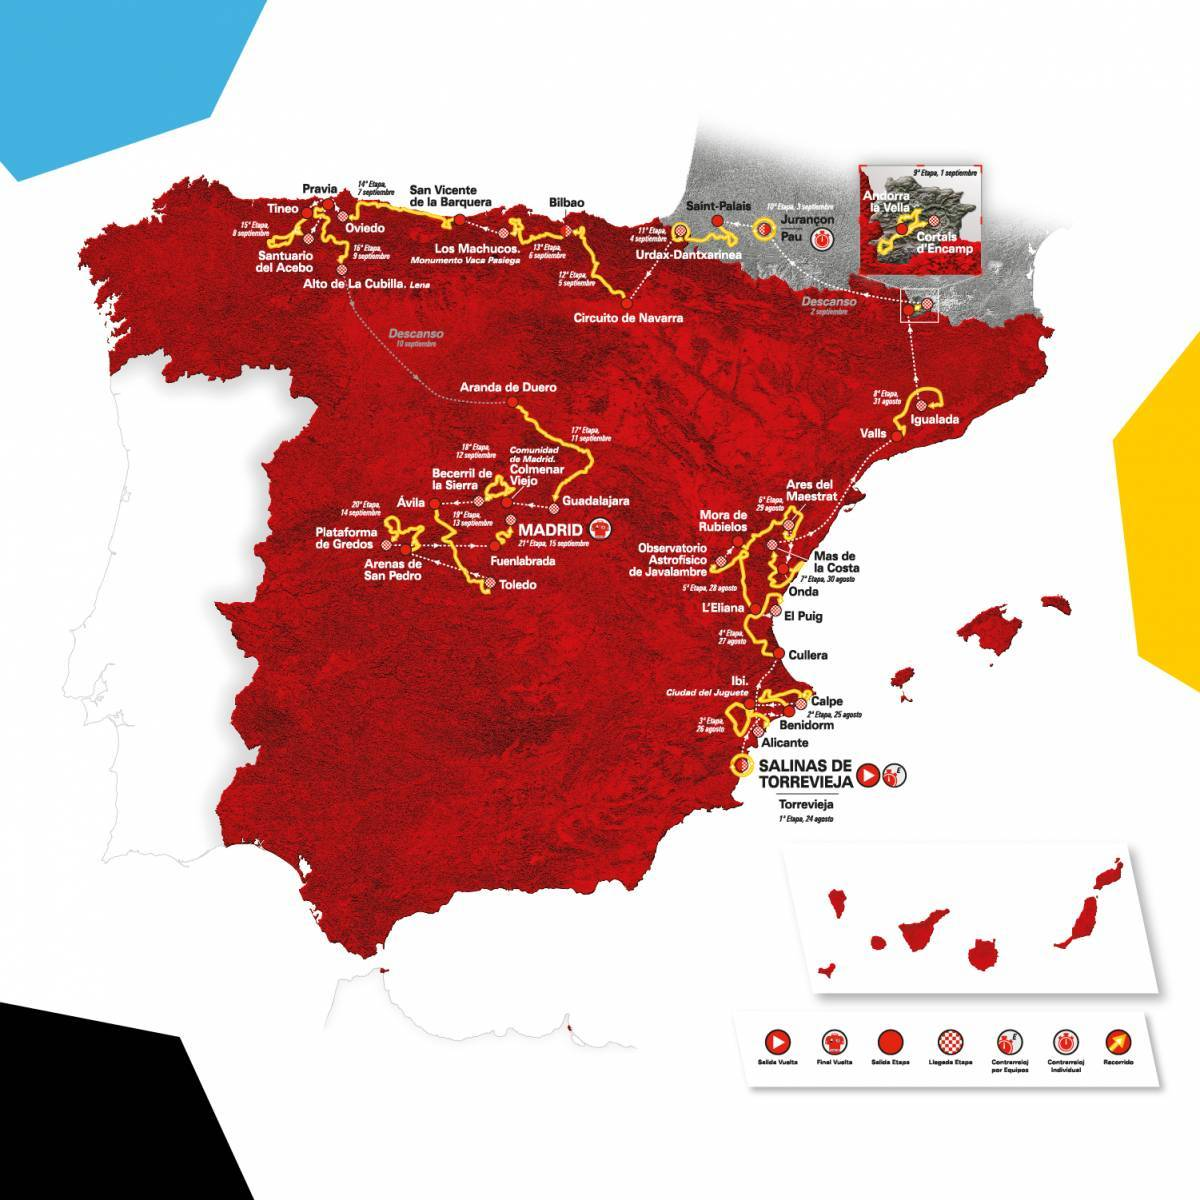 Ruten til Vuelta a Espana 2019, der køres i Spanien i mellem august og september.